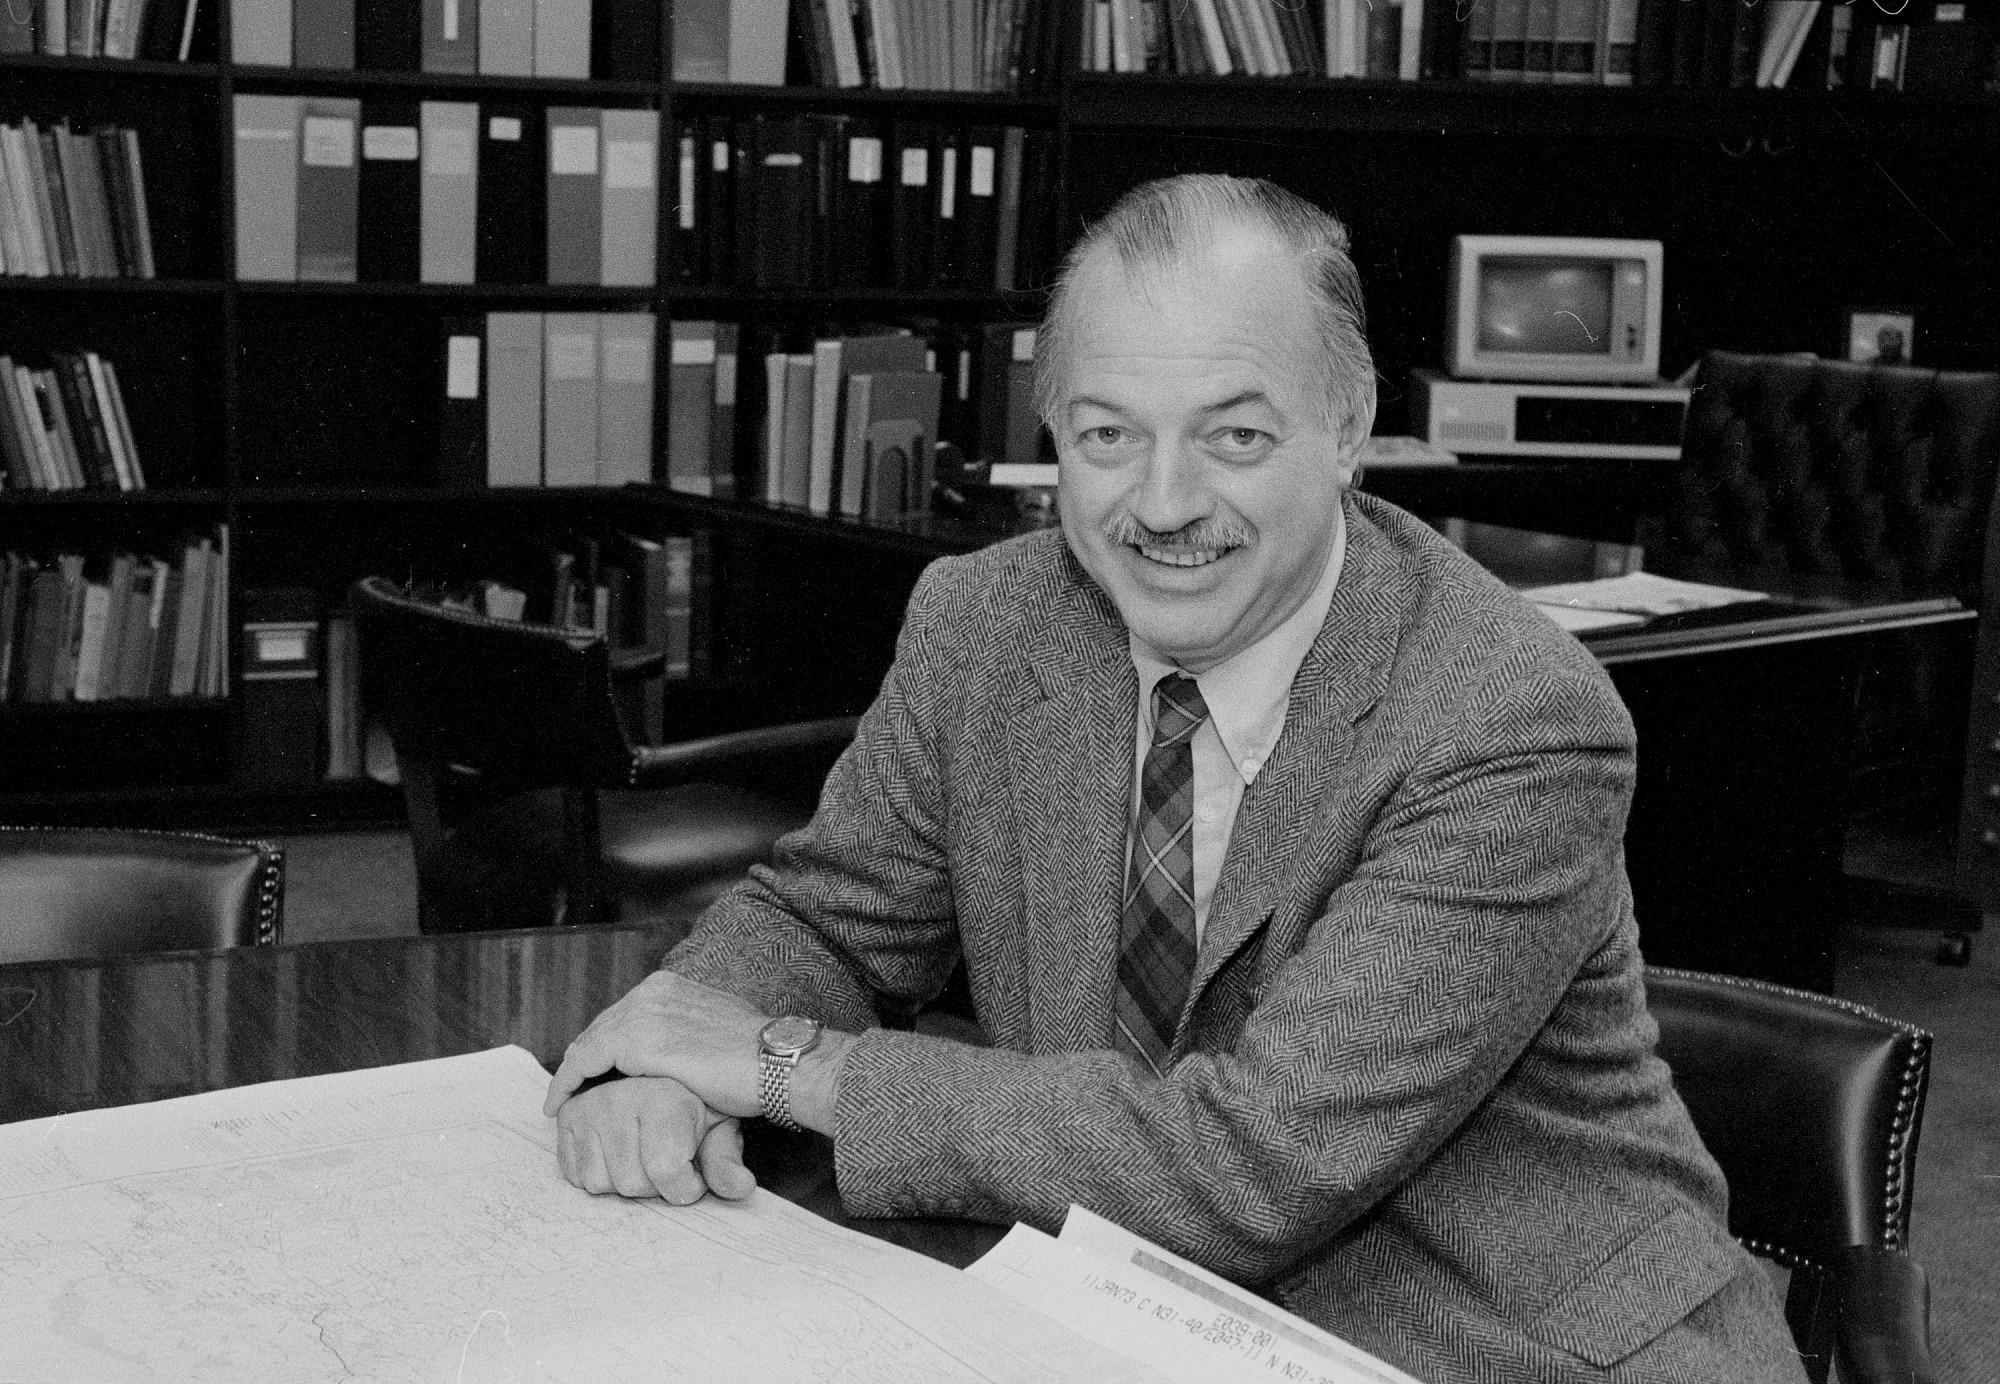 Secretary Robert McCormick Adams